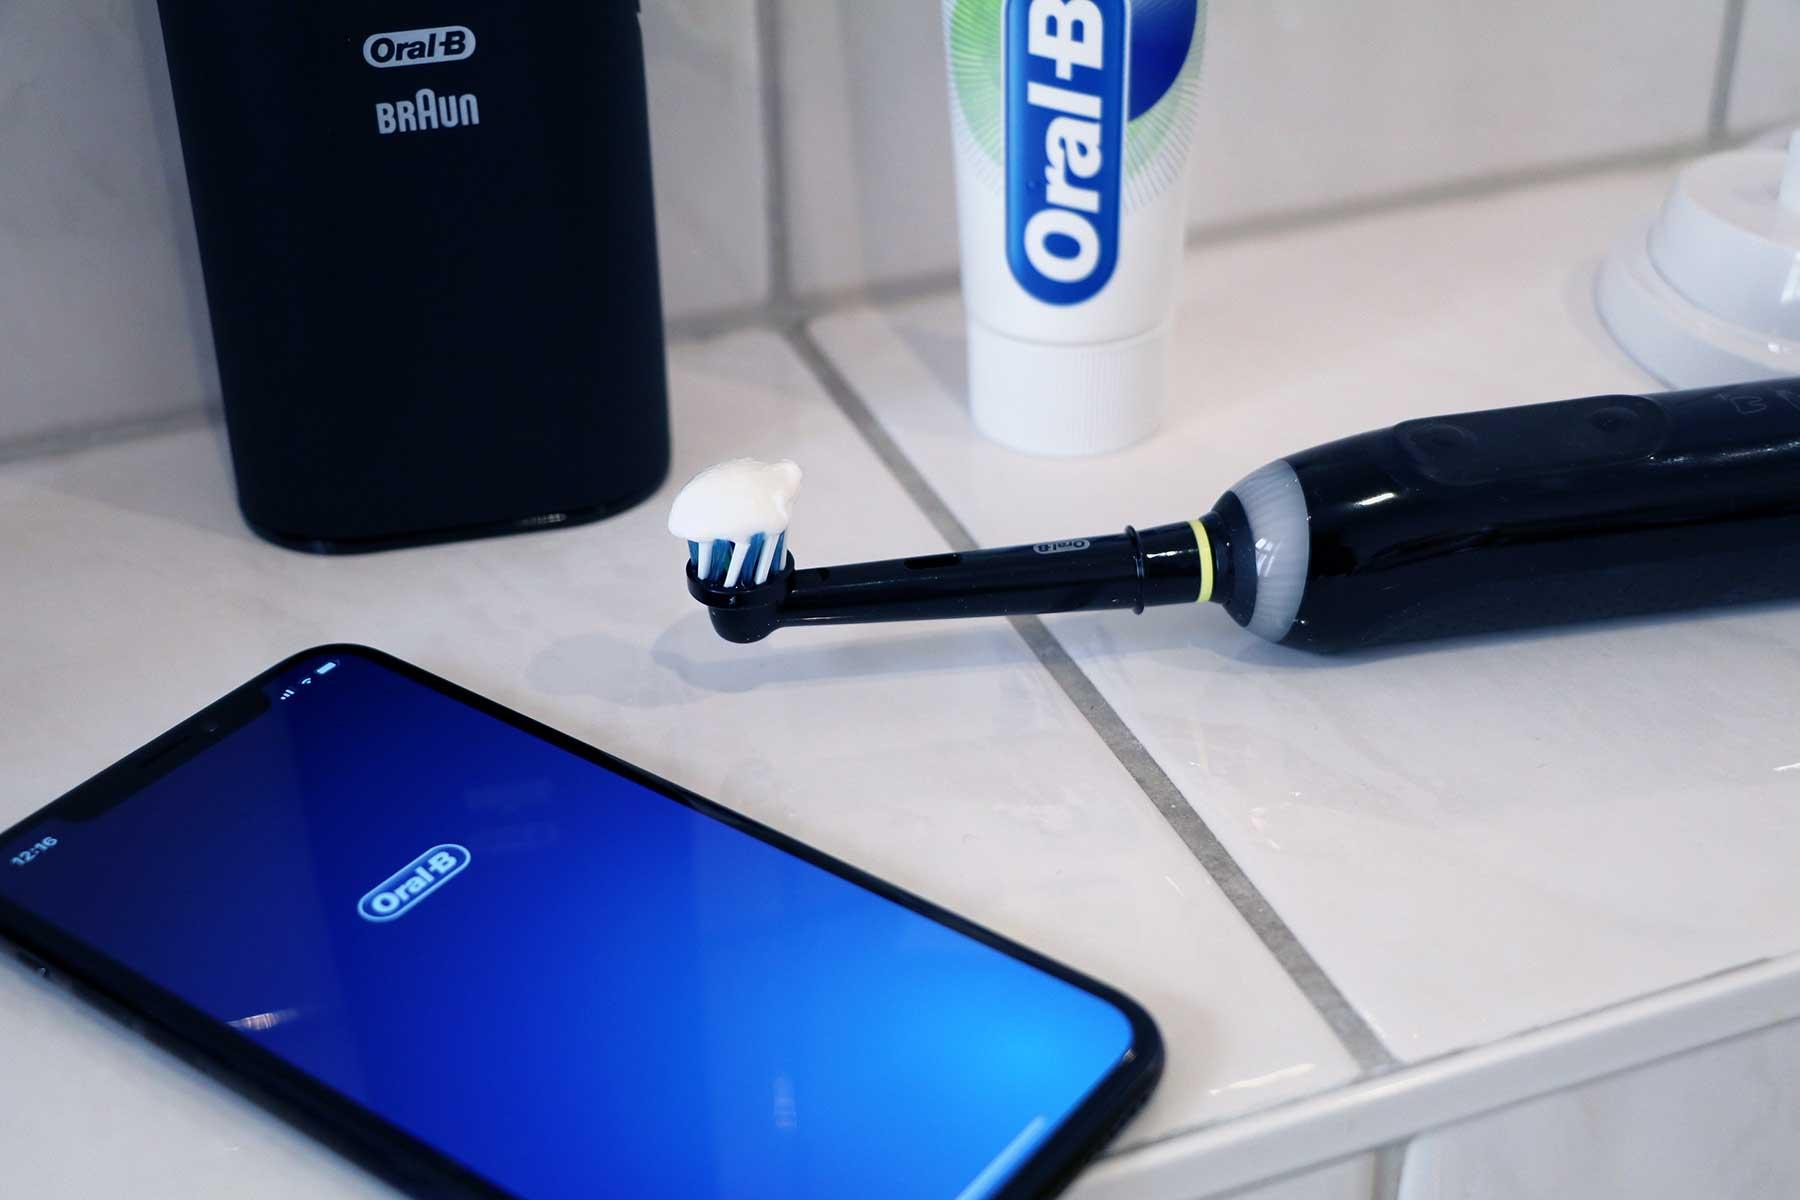 Testbericht: Oral-B GENIUS X 20000N - elektrische Zahnbürste mit künstlicher Intelligenz Oral-B-Genius-X-Text-2019_06